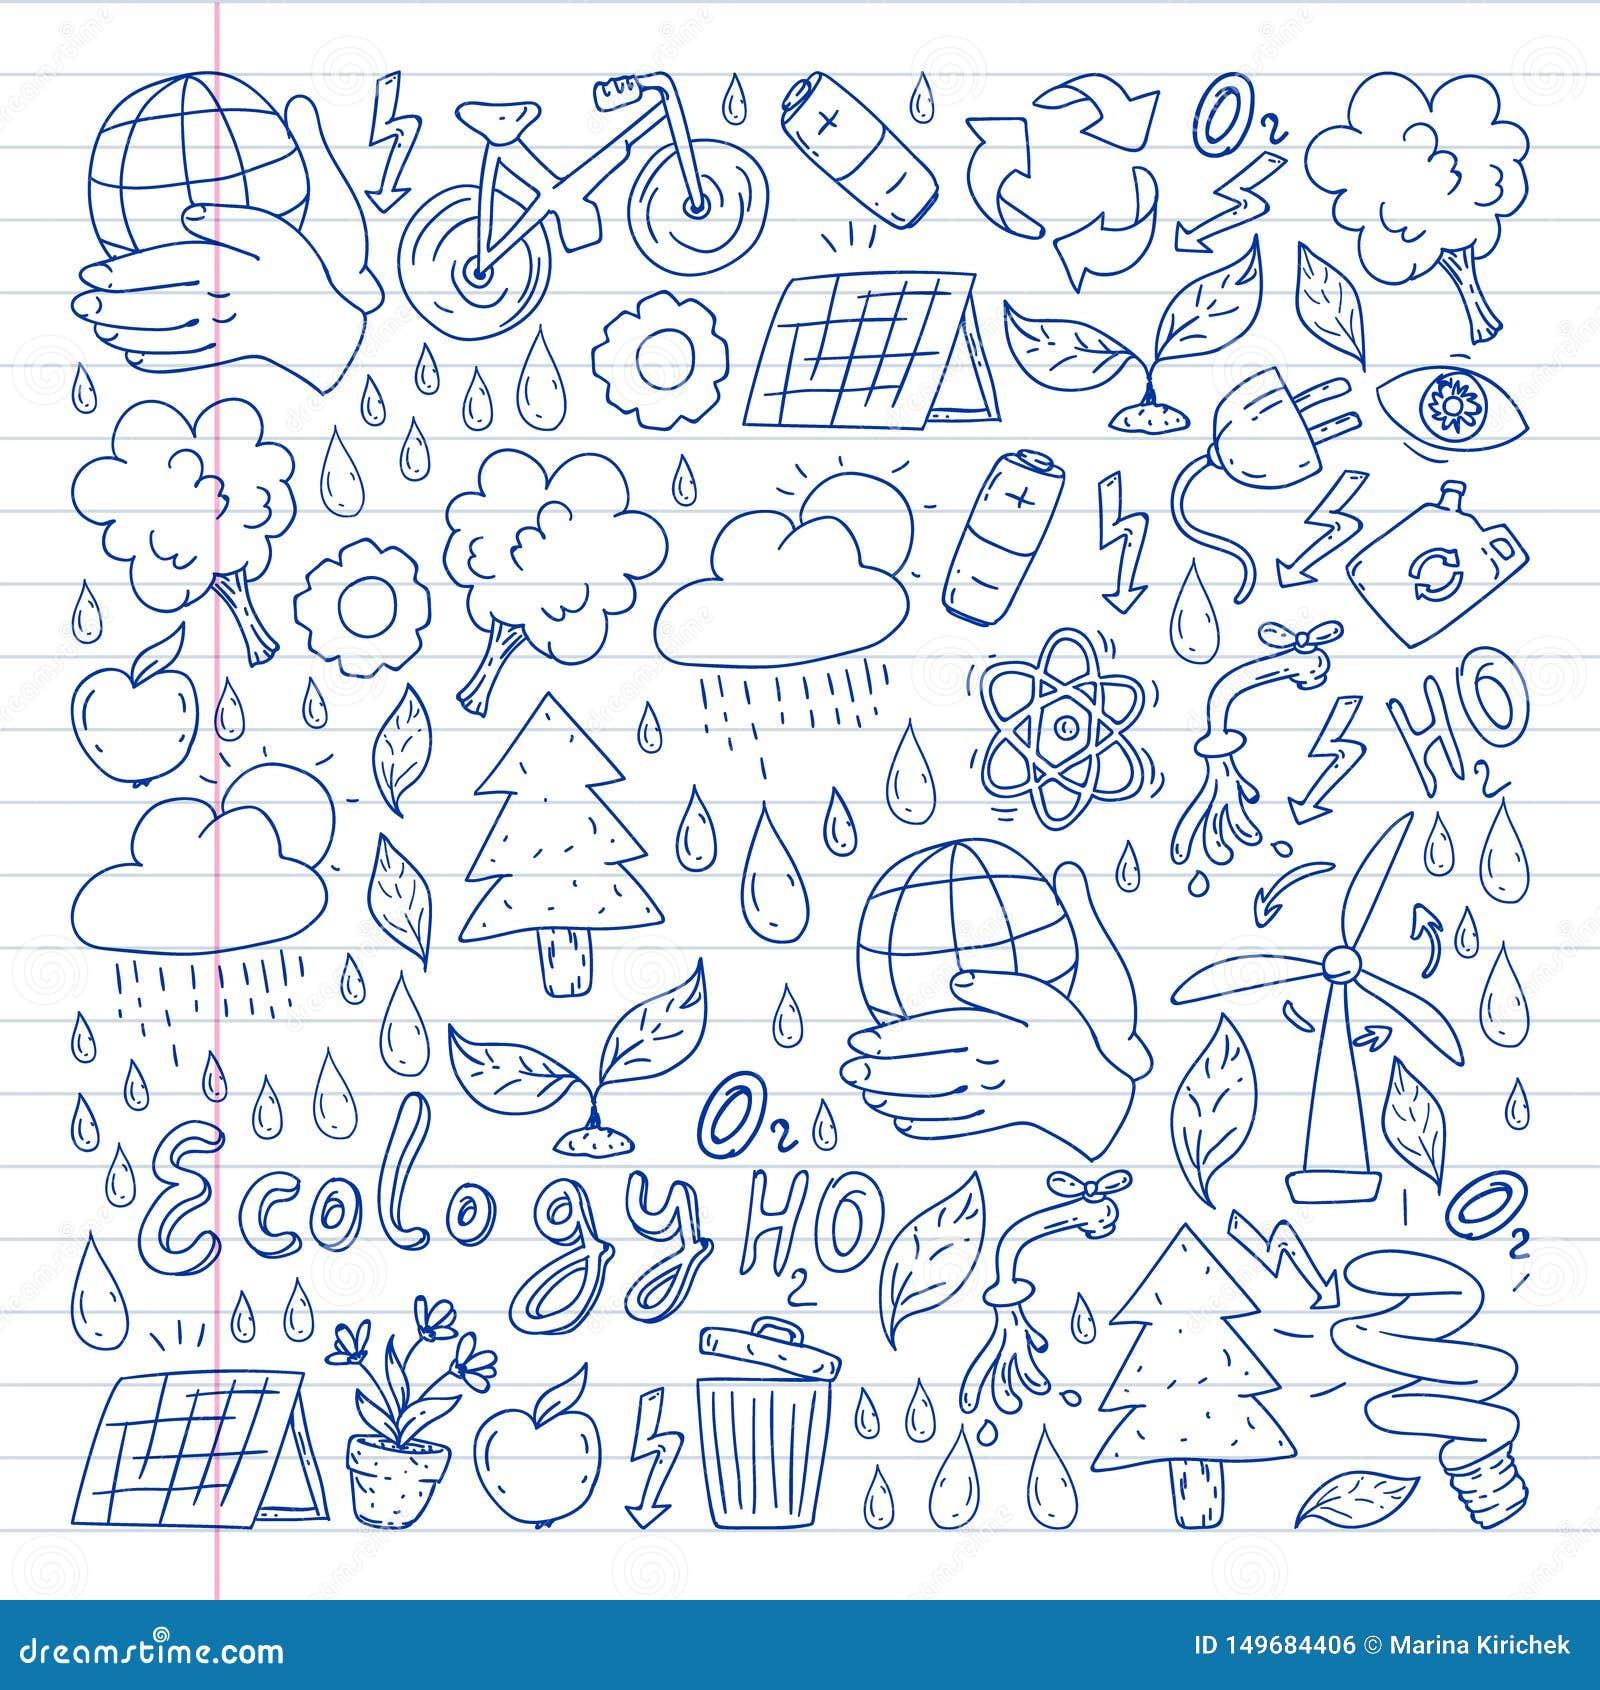 Logotipo, design e crachá do vetor no estilo de desenho da tendência - conceito de desperdício zero, reciclagem e reutilização, r